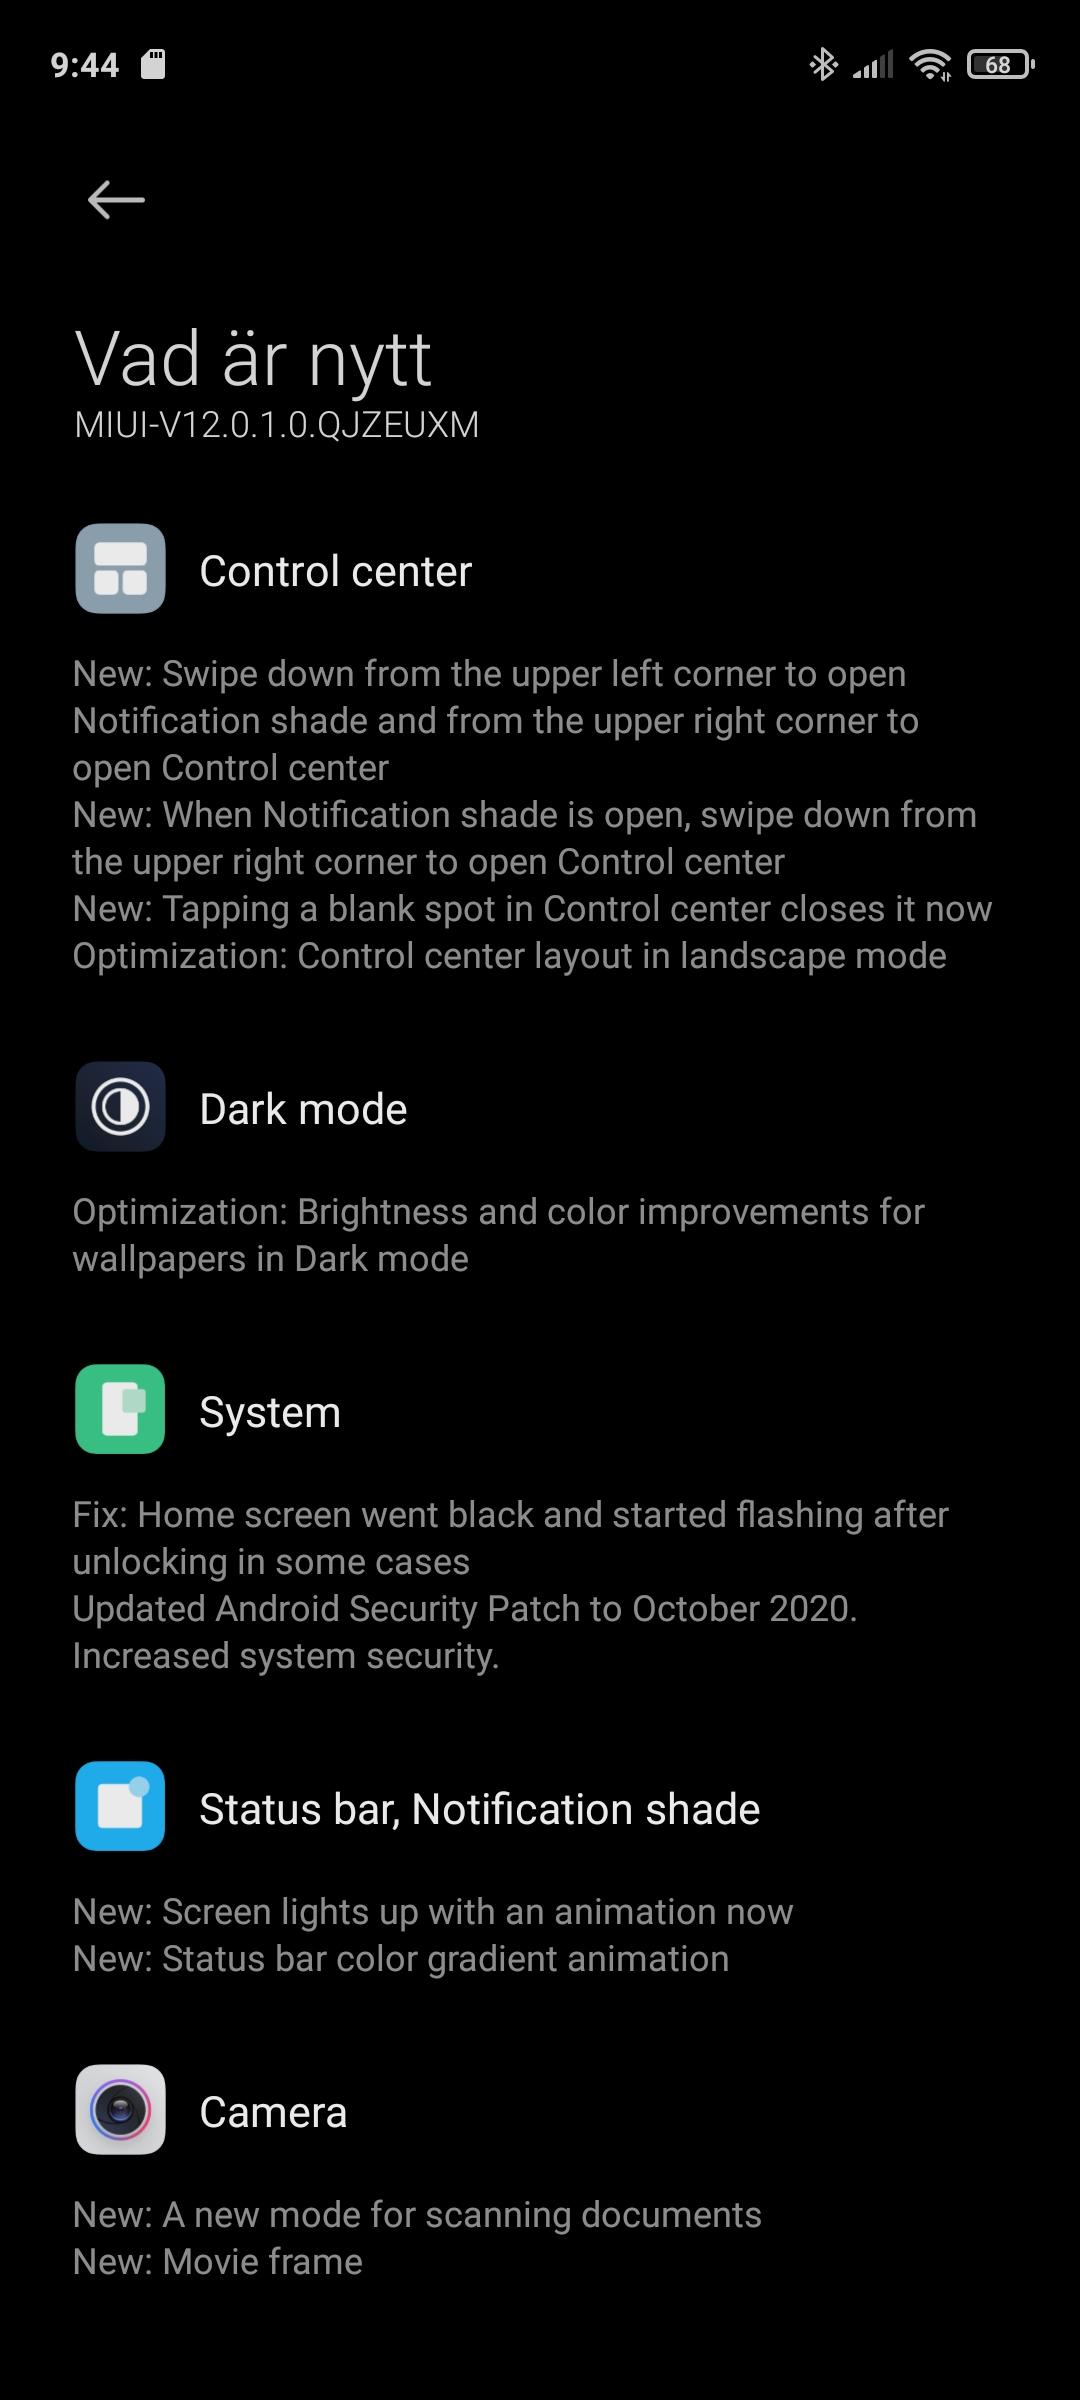 Screenshot_2020-11-17-09-44-33-963_com.android.updater.jpg